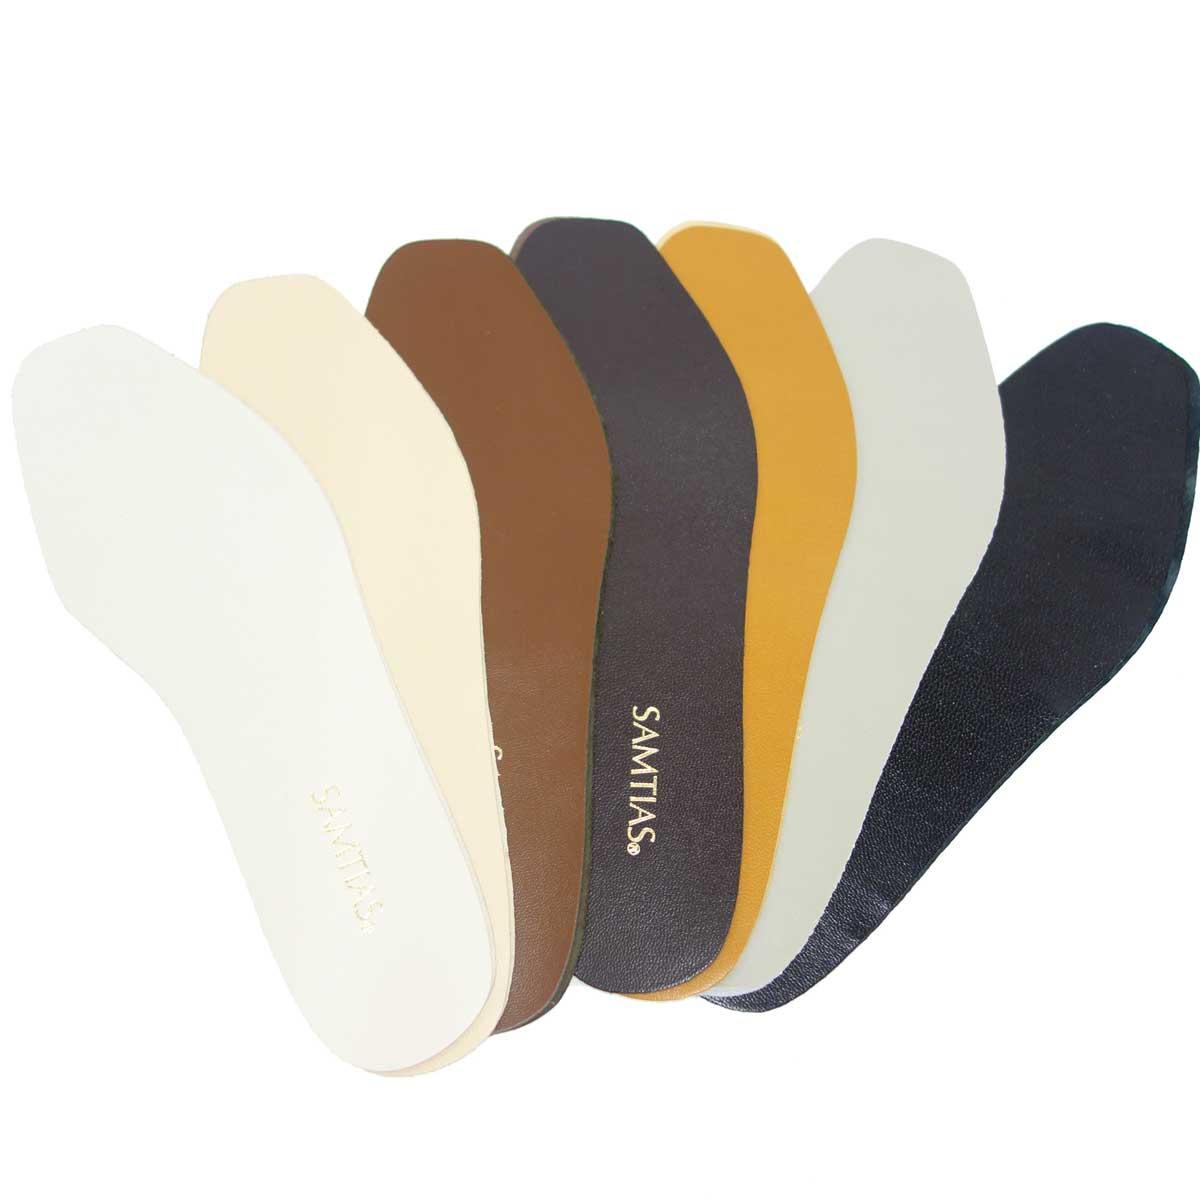 《メール便可》薄型レザーインソール(レディース)パンプスやサンダルの中敷きを交換SAMTIAS 超薄型インソール(本革製)レディースフリーサイズ(はさみでカットして大きさを調整)靴 シューズ画像